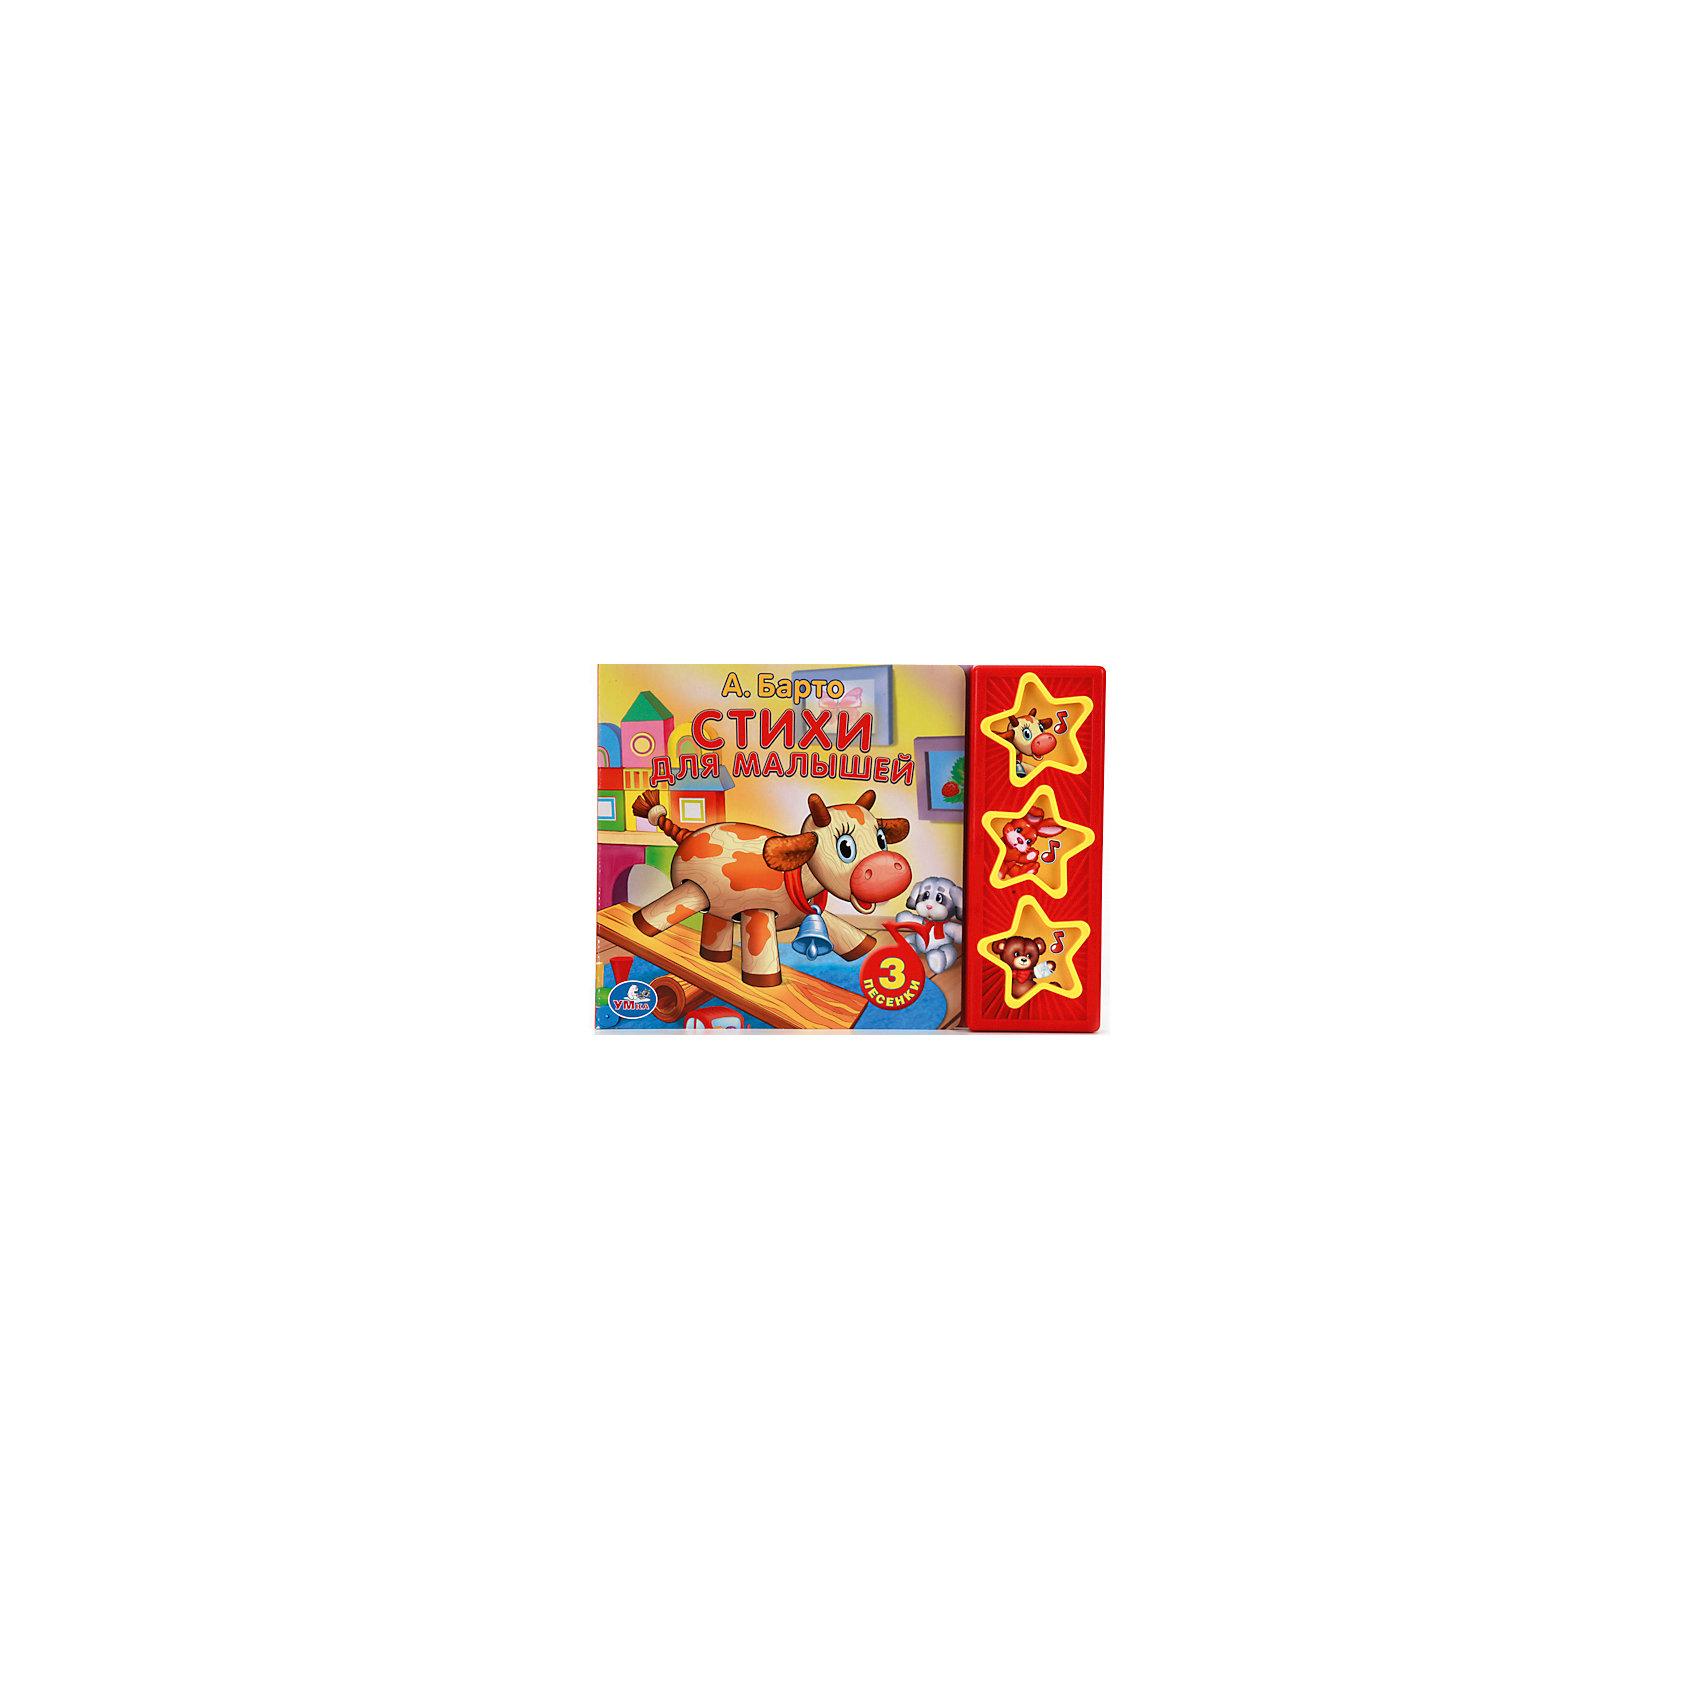 Стихи для малышей, А. Барто, УмкаСтихи<br>Прекрасные стихи для малышей замечательного детского автора Агнии Барто стали настоящей классикой. Познакомьте своего ребенка с этими стихотворениями вместе с великолепной книгой от Умка! Яркие иллюстрации, прочные картонные страницы с закругленными краями, а также 3 музыкальные кнопки на обложке обязательно порадуют Вашего малыша.<br><br>Дополнительная информация:<br>- рекомендуемый возраст: от 1 года<br>- материалы: картон, пластик<br>- батарейки в комплекте<br>- размеры: 21 х 15 х 2 см<br>- вес: 200 гр<br><br>Стихи для малышей, А. Барто, Умка можно купить в нашем магазине<br><br>Ширина мм: 210<br>Глубина мм: 150<br>Высота мм: 20<br>Вес г: 200<br>Возраст от месяцев: 12<br>Возраст до месяцев: 36<br>Пол: Унисекс<br>Возраст: Детский<br>SKU: 4754668